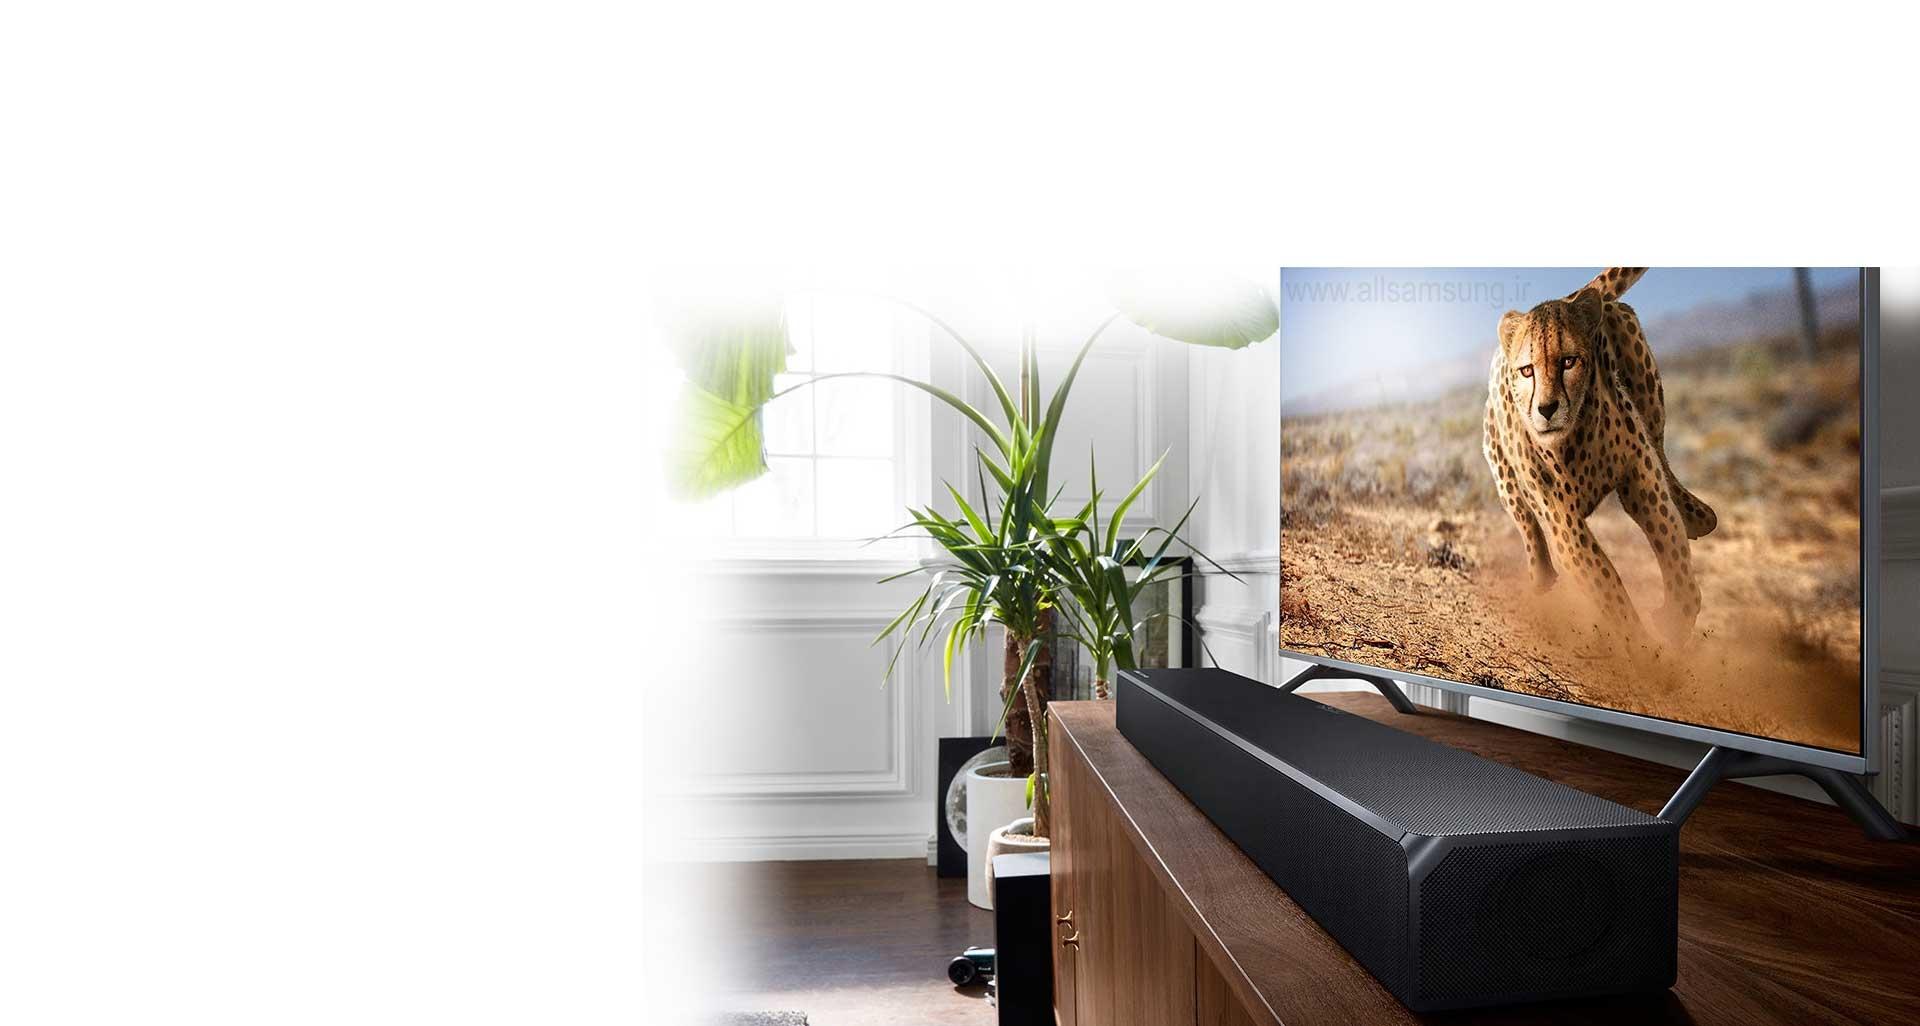 ساندبار N950 سازگار با تلویزیون های سامسونگ